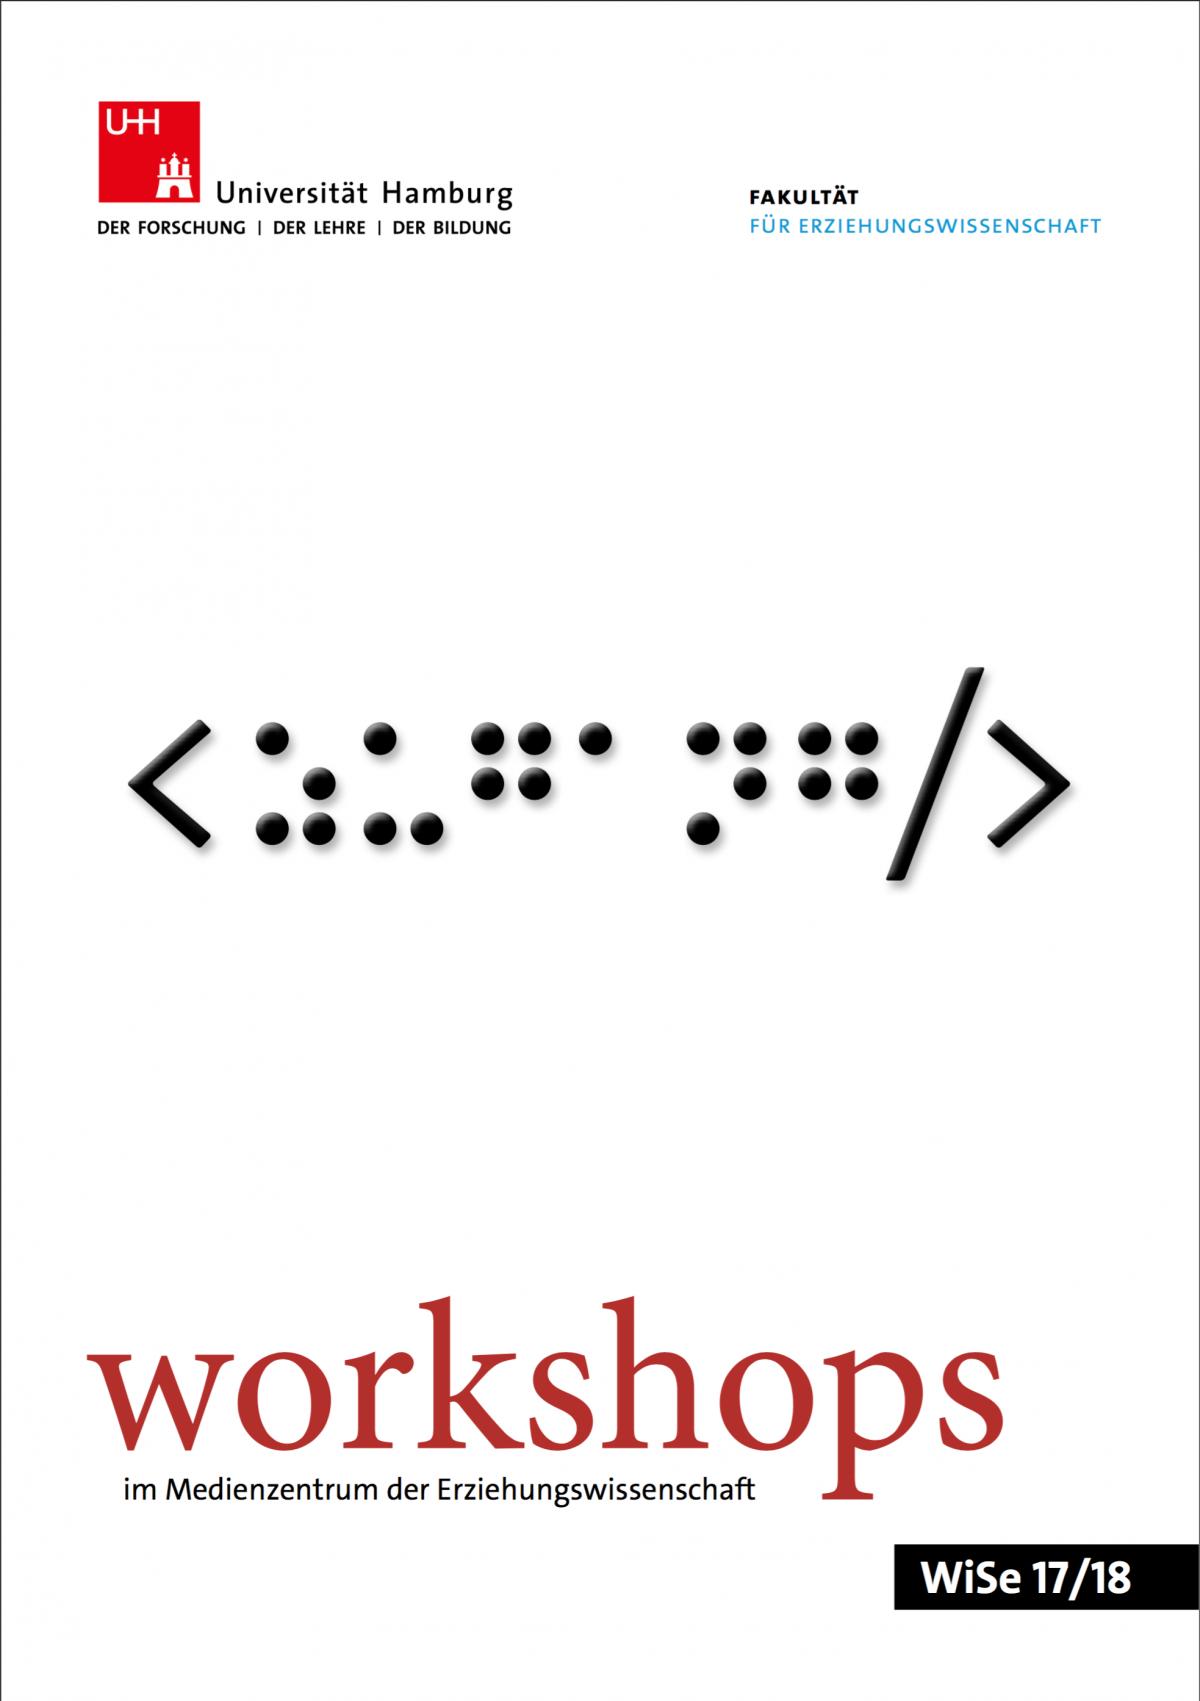 """Titelblatt des Workshopprogramms des Medienzentrums, WiSe 17/18. Darauf abgebildet ist das Wort """"Zugang"""" in Brailleschrift."""